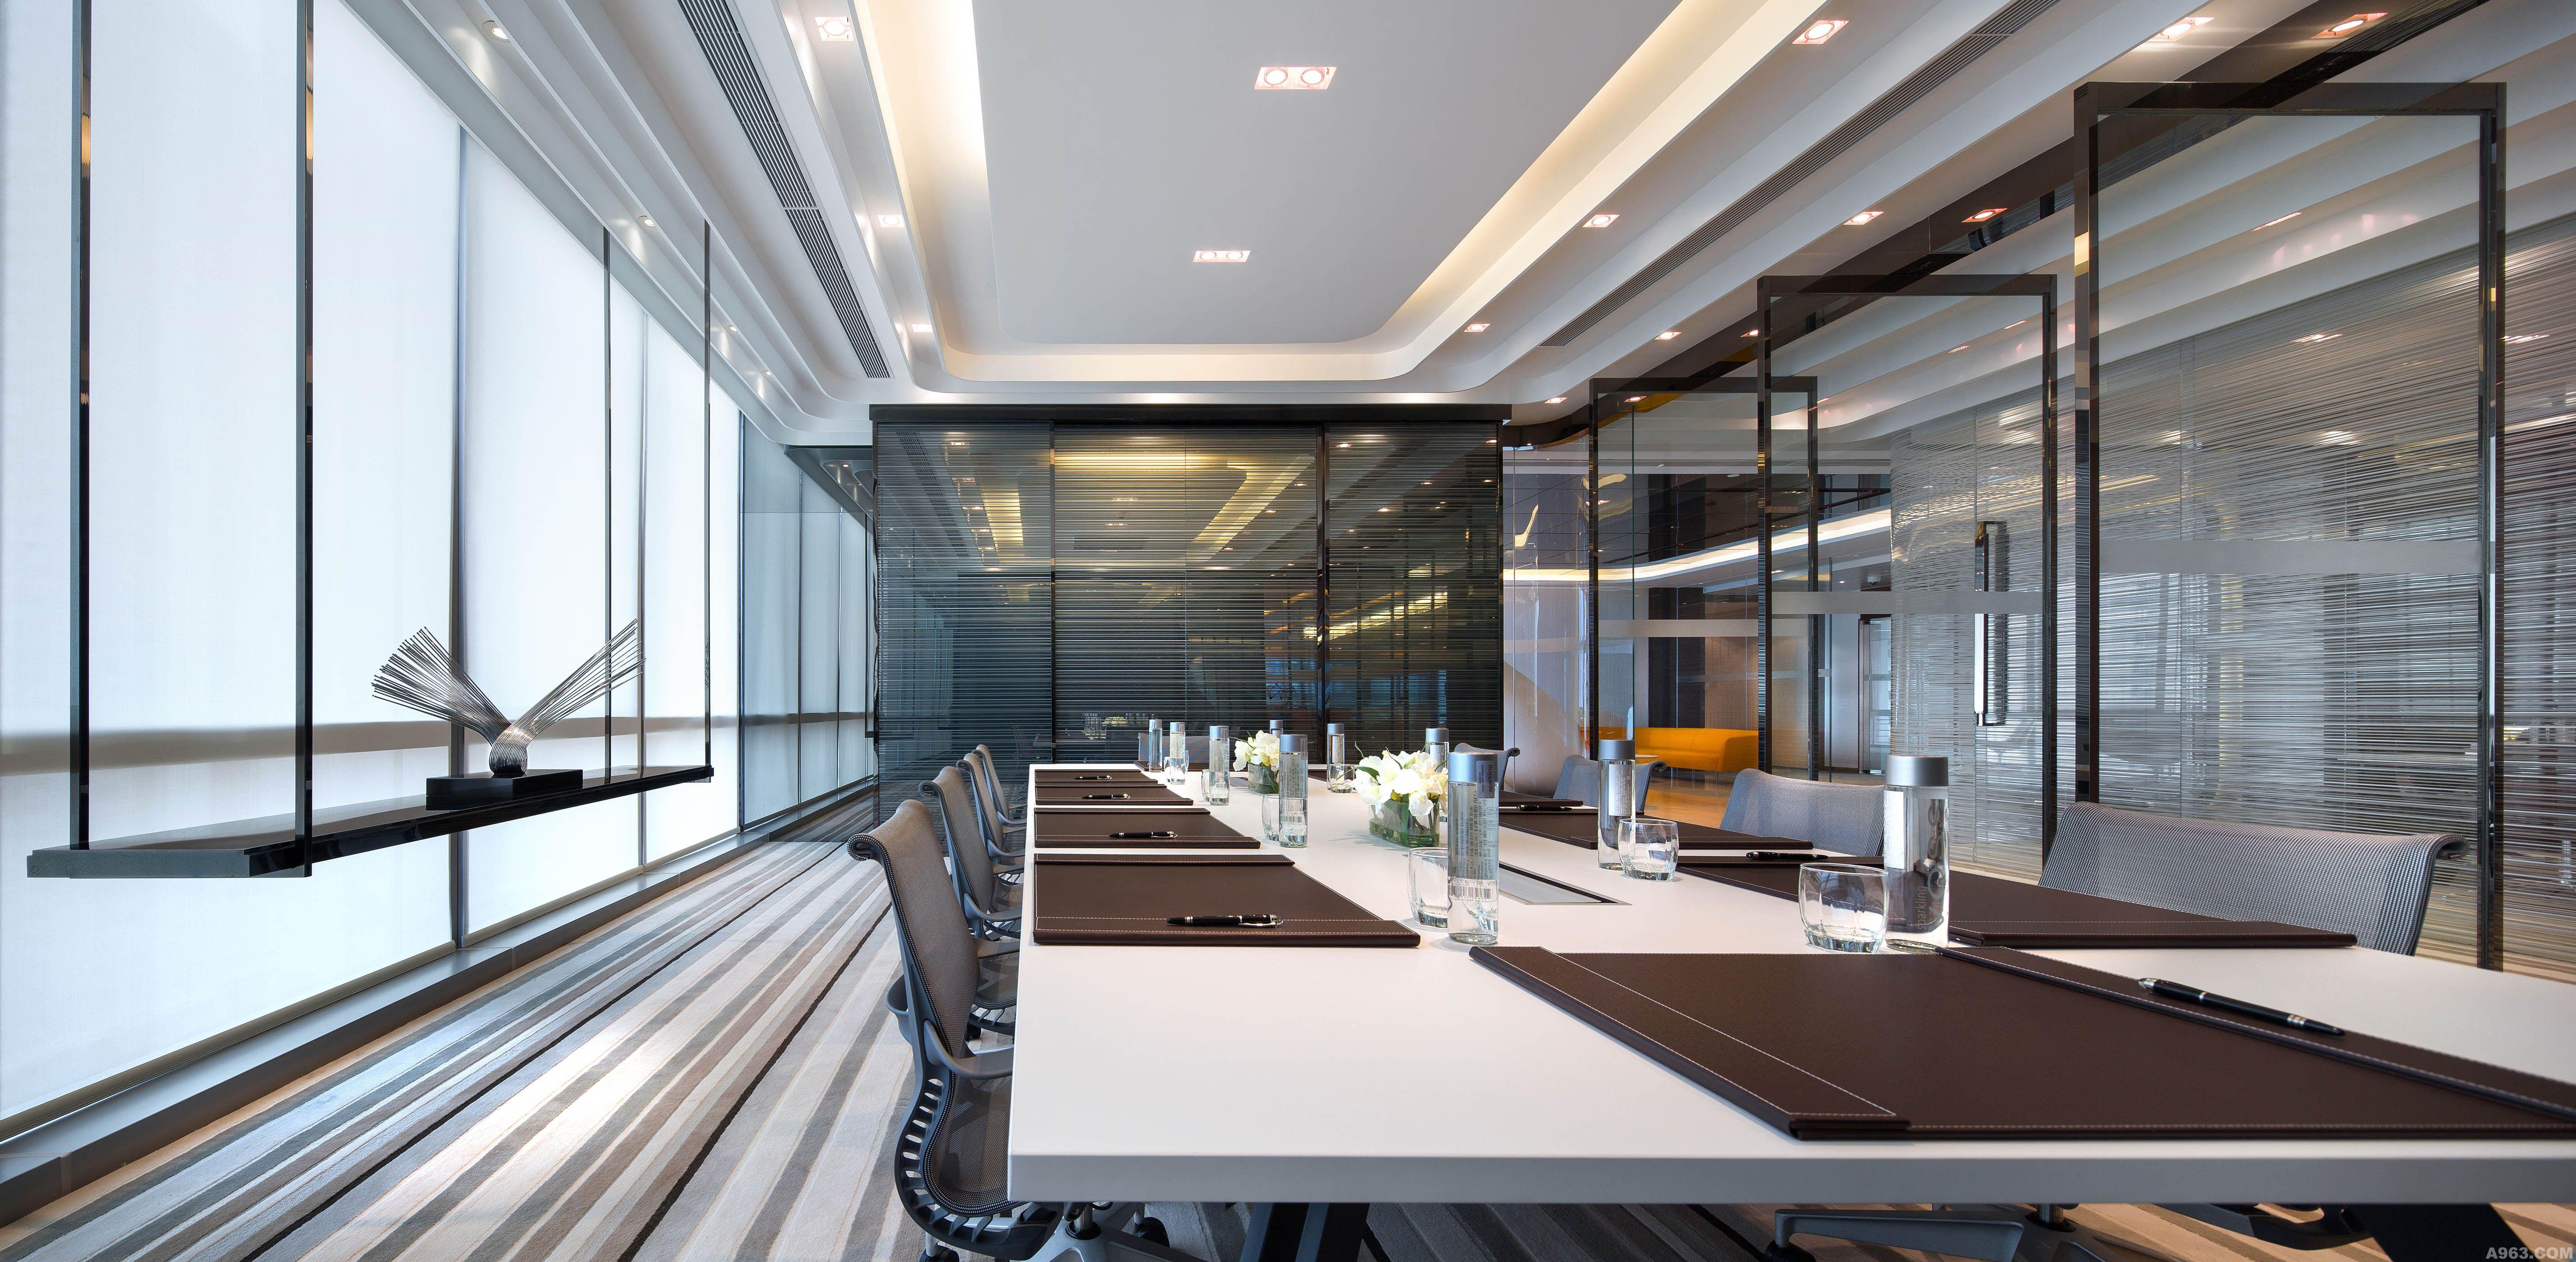 广州天盈广场 - 商业空间 - 香港室内设计网_香港室内